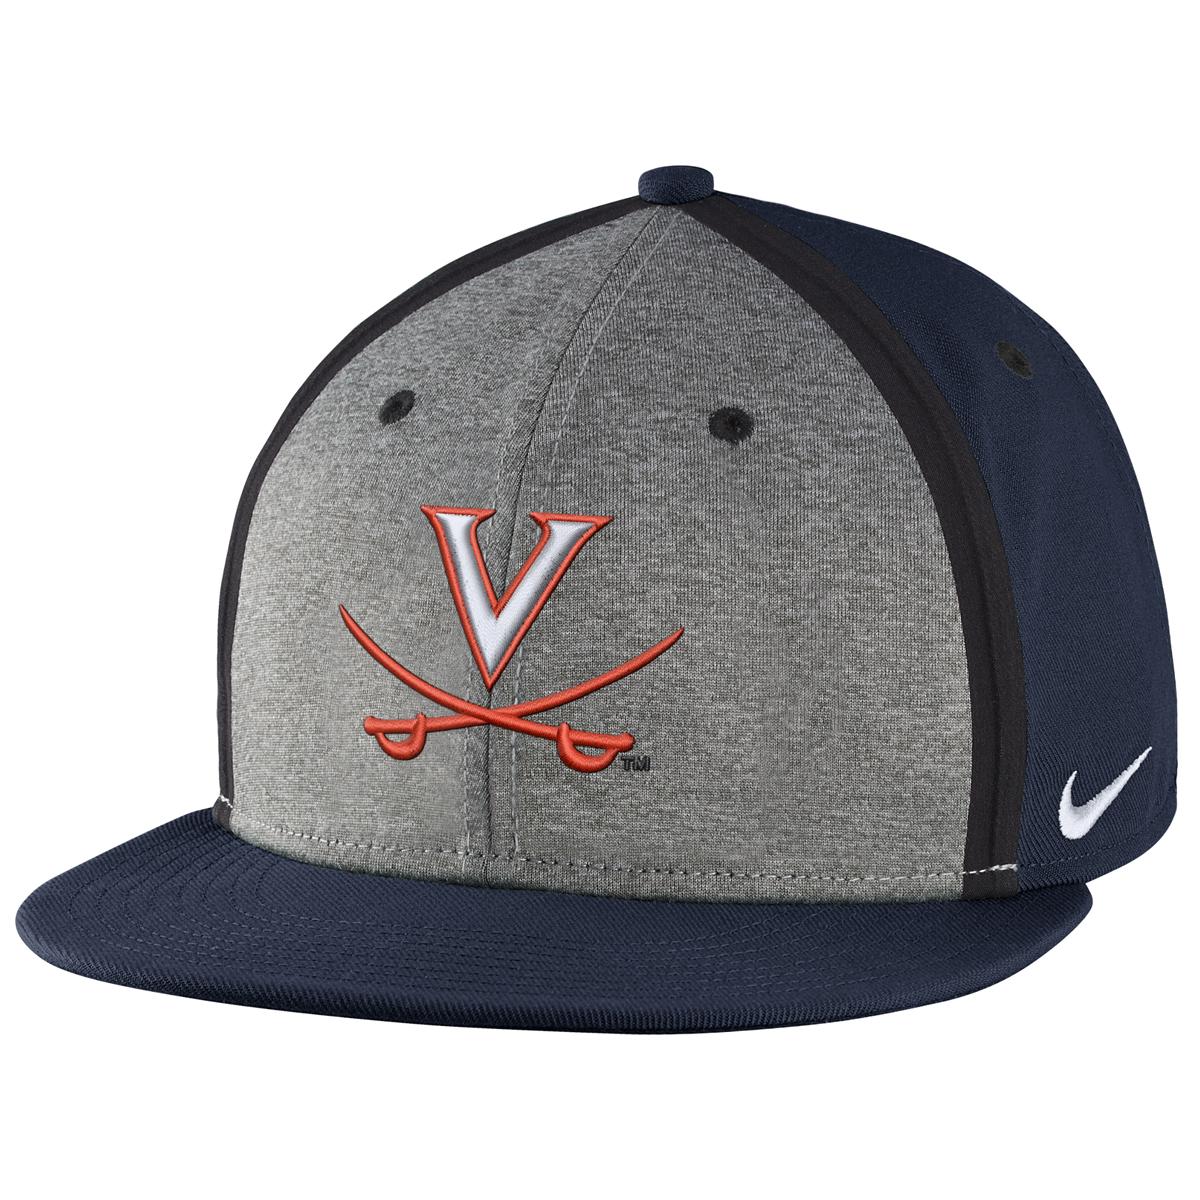 1ea69b8453c Nike uva sideliene true adjustable hat shop the uva athletics jpg 1200x1200 Uva  hats